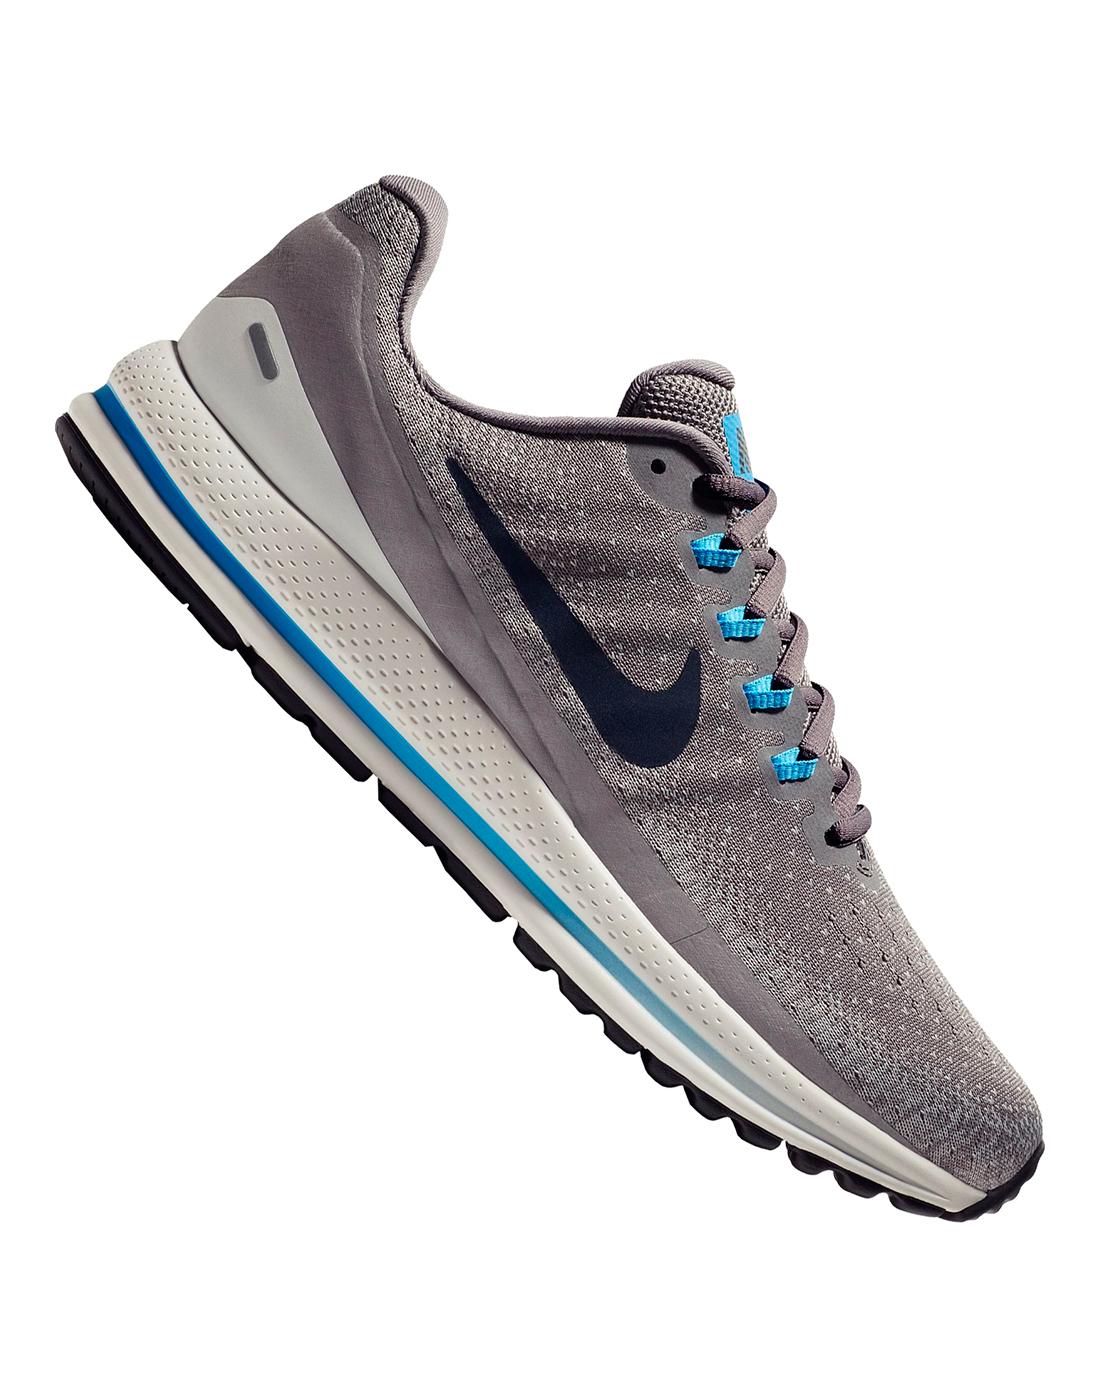 b8b3bdc6642a Nike Mens Air Zoom Vomero 13